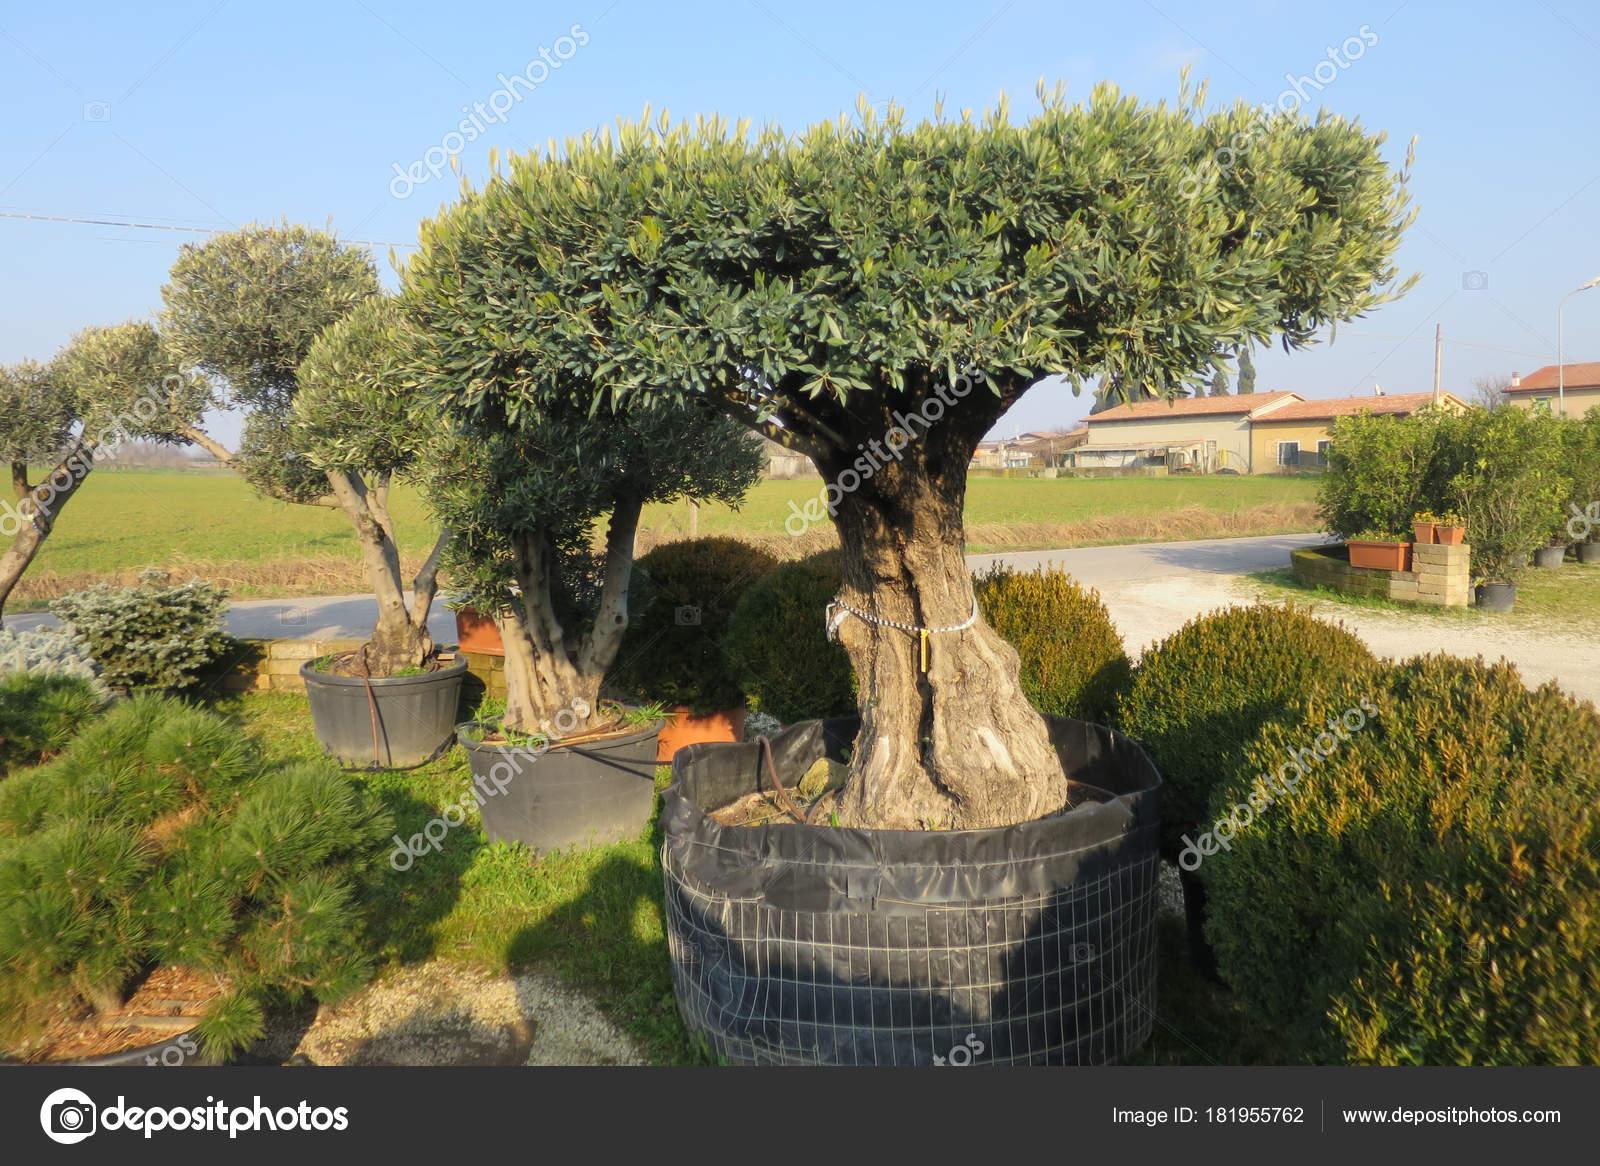 Secolare albero ulivo vaso vendita foto stock for Alberi in vendita